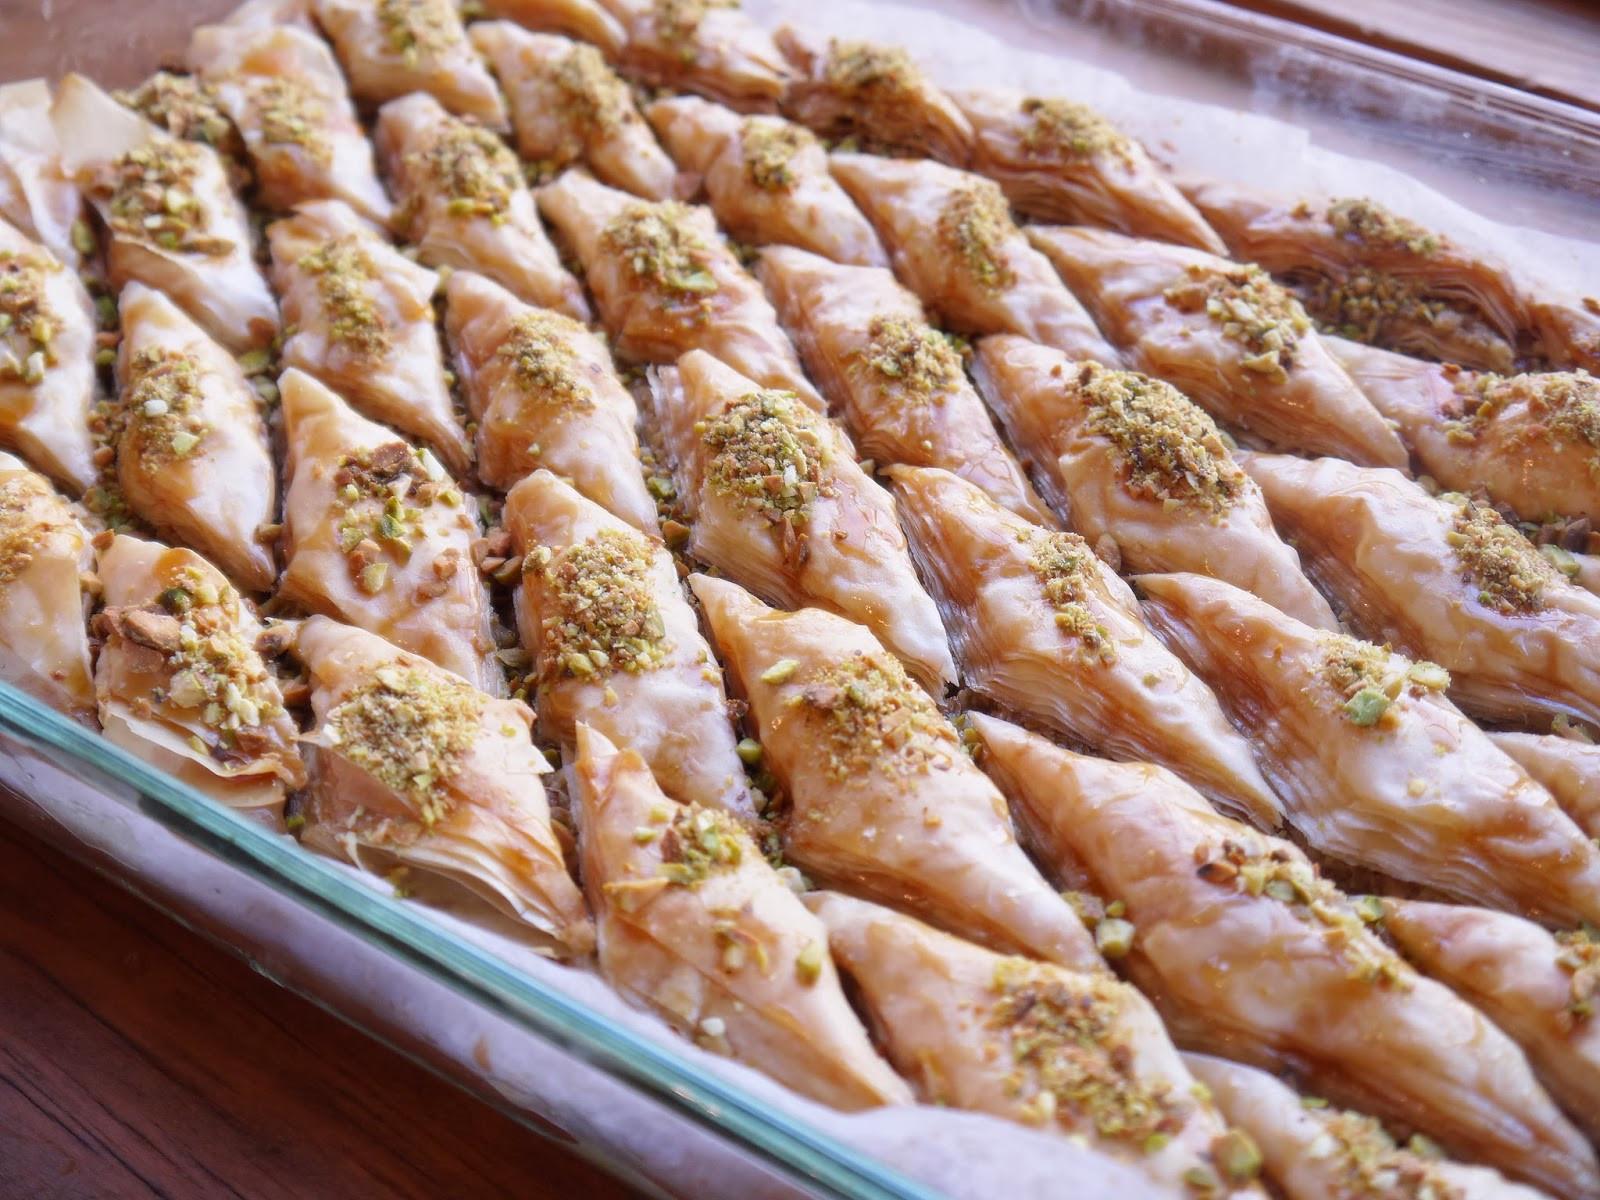 Middle Eastern Pastries  Bint Rhoda s Kitchen The Jewel of Middle Eastern Pastries